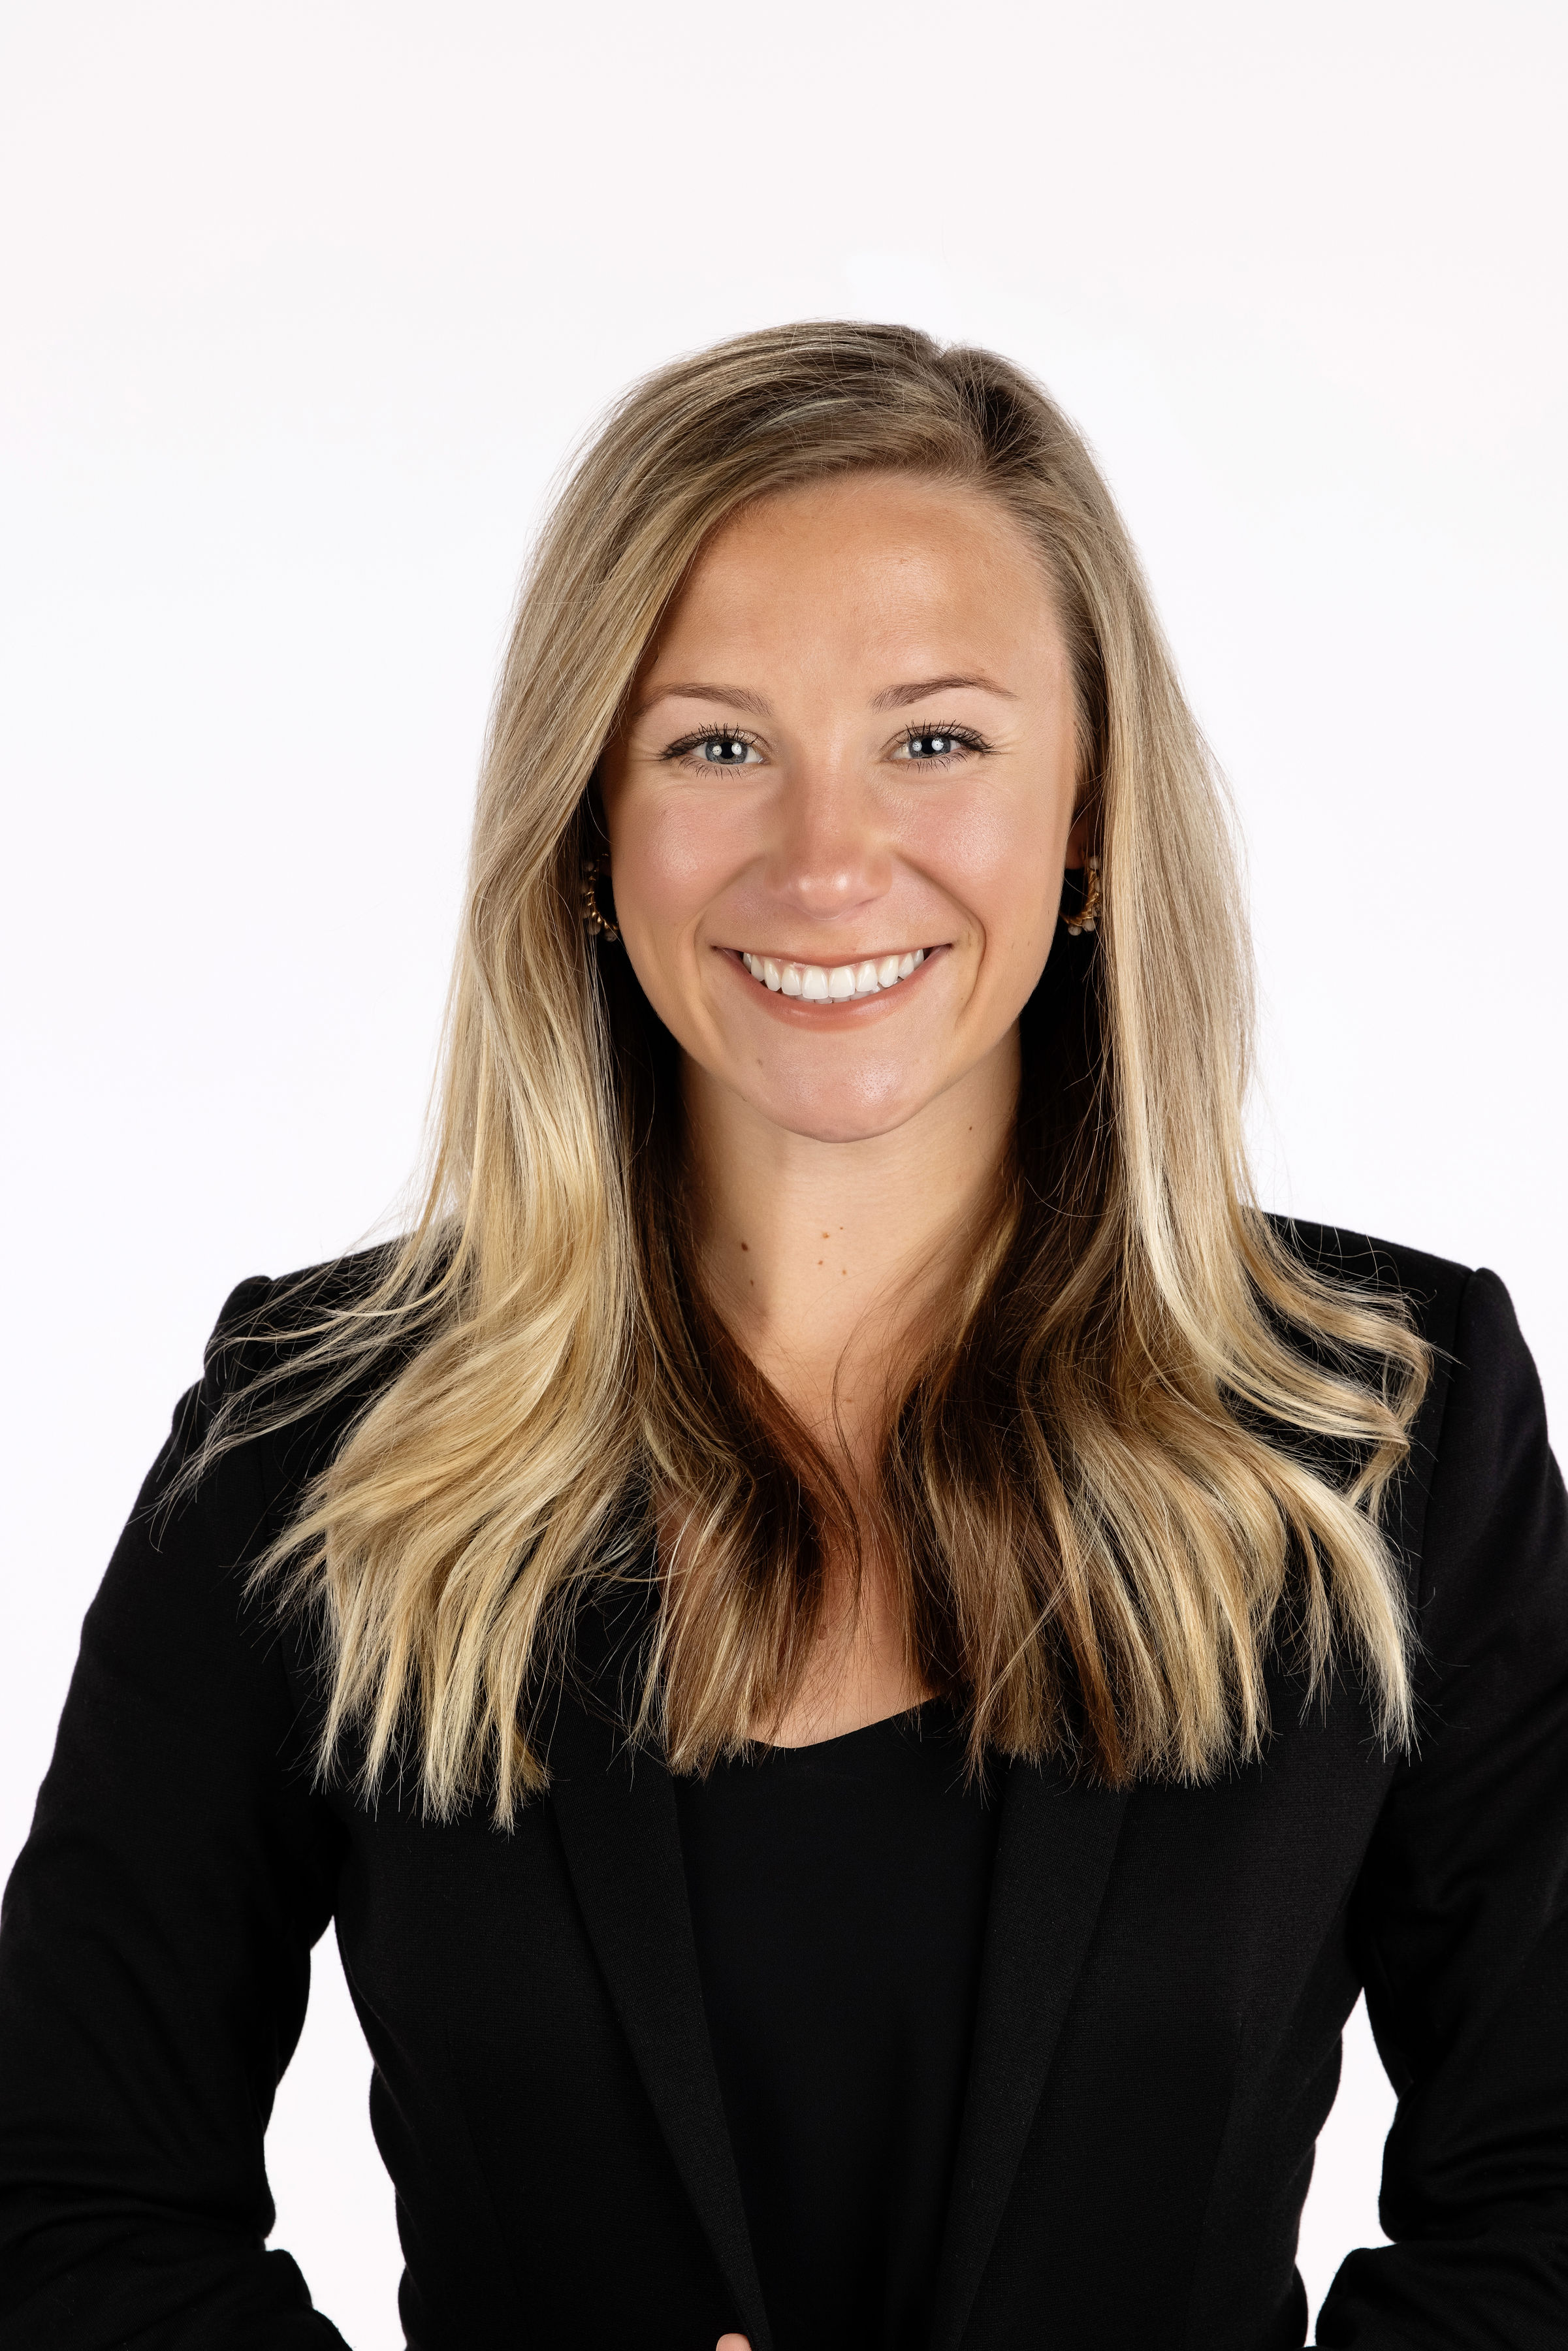 McKenzie Cox